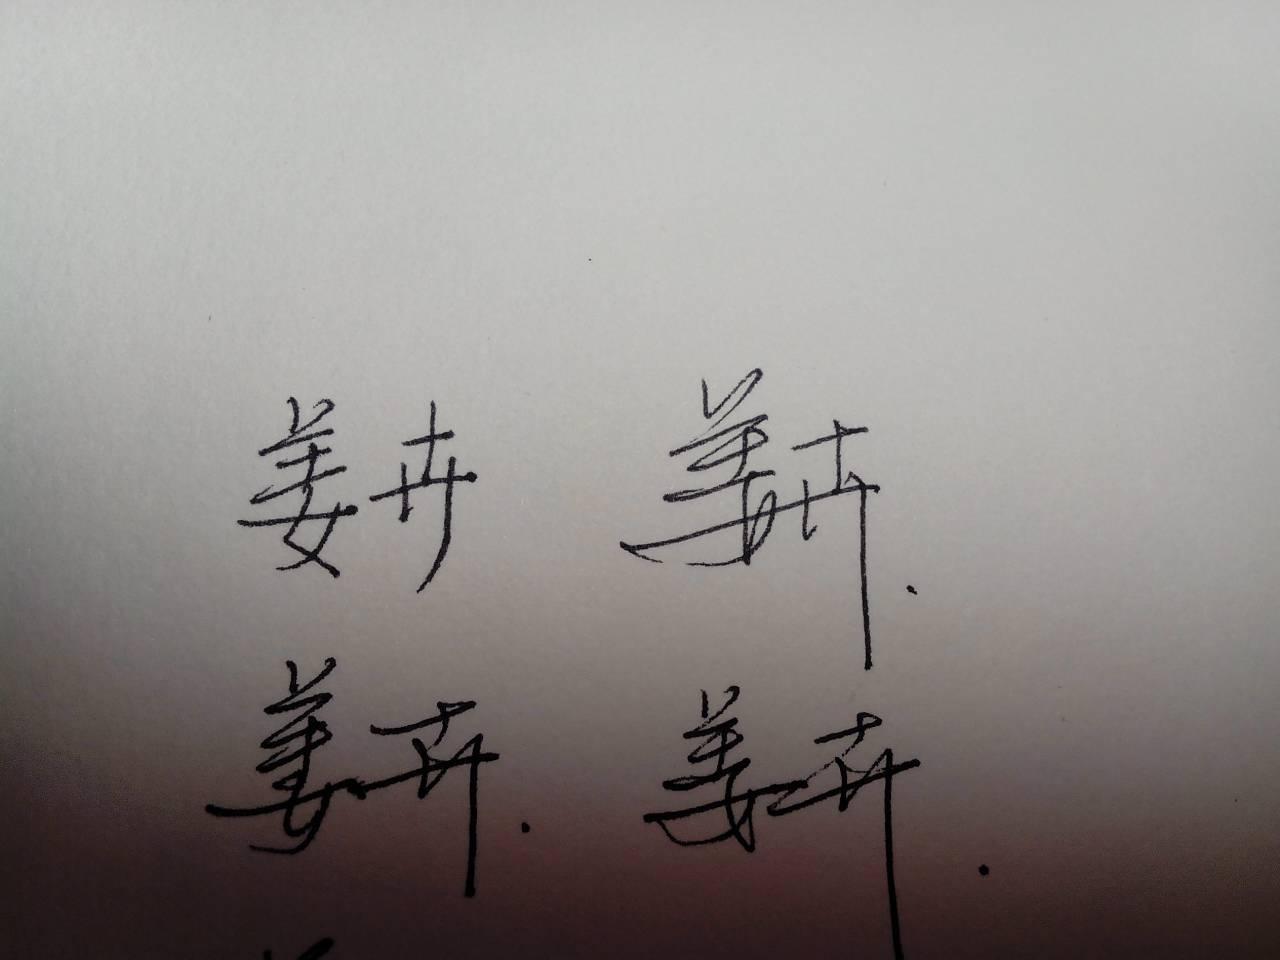 我的名字怎么写都不好看,能不能帮我写一个艺术签名 我叫 姜卉图片